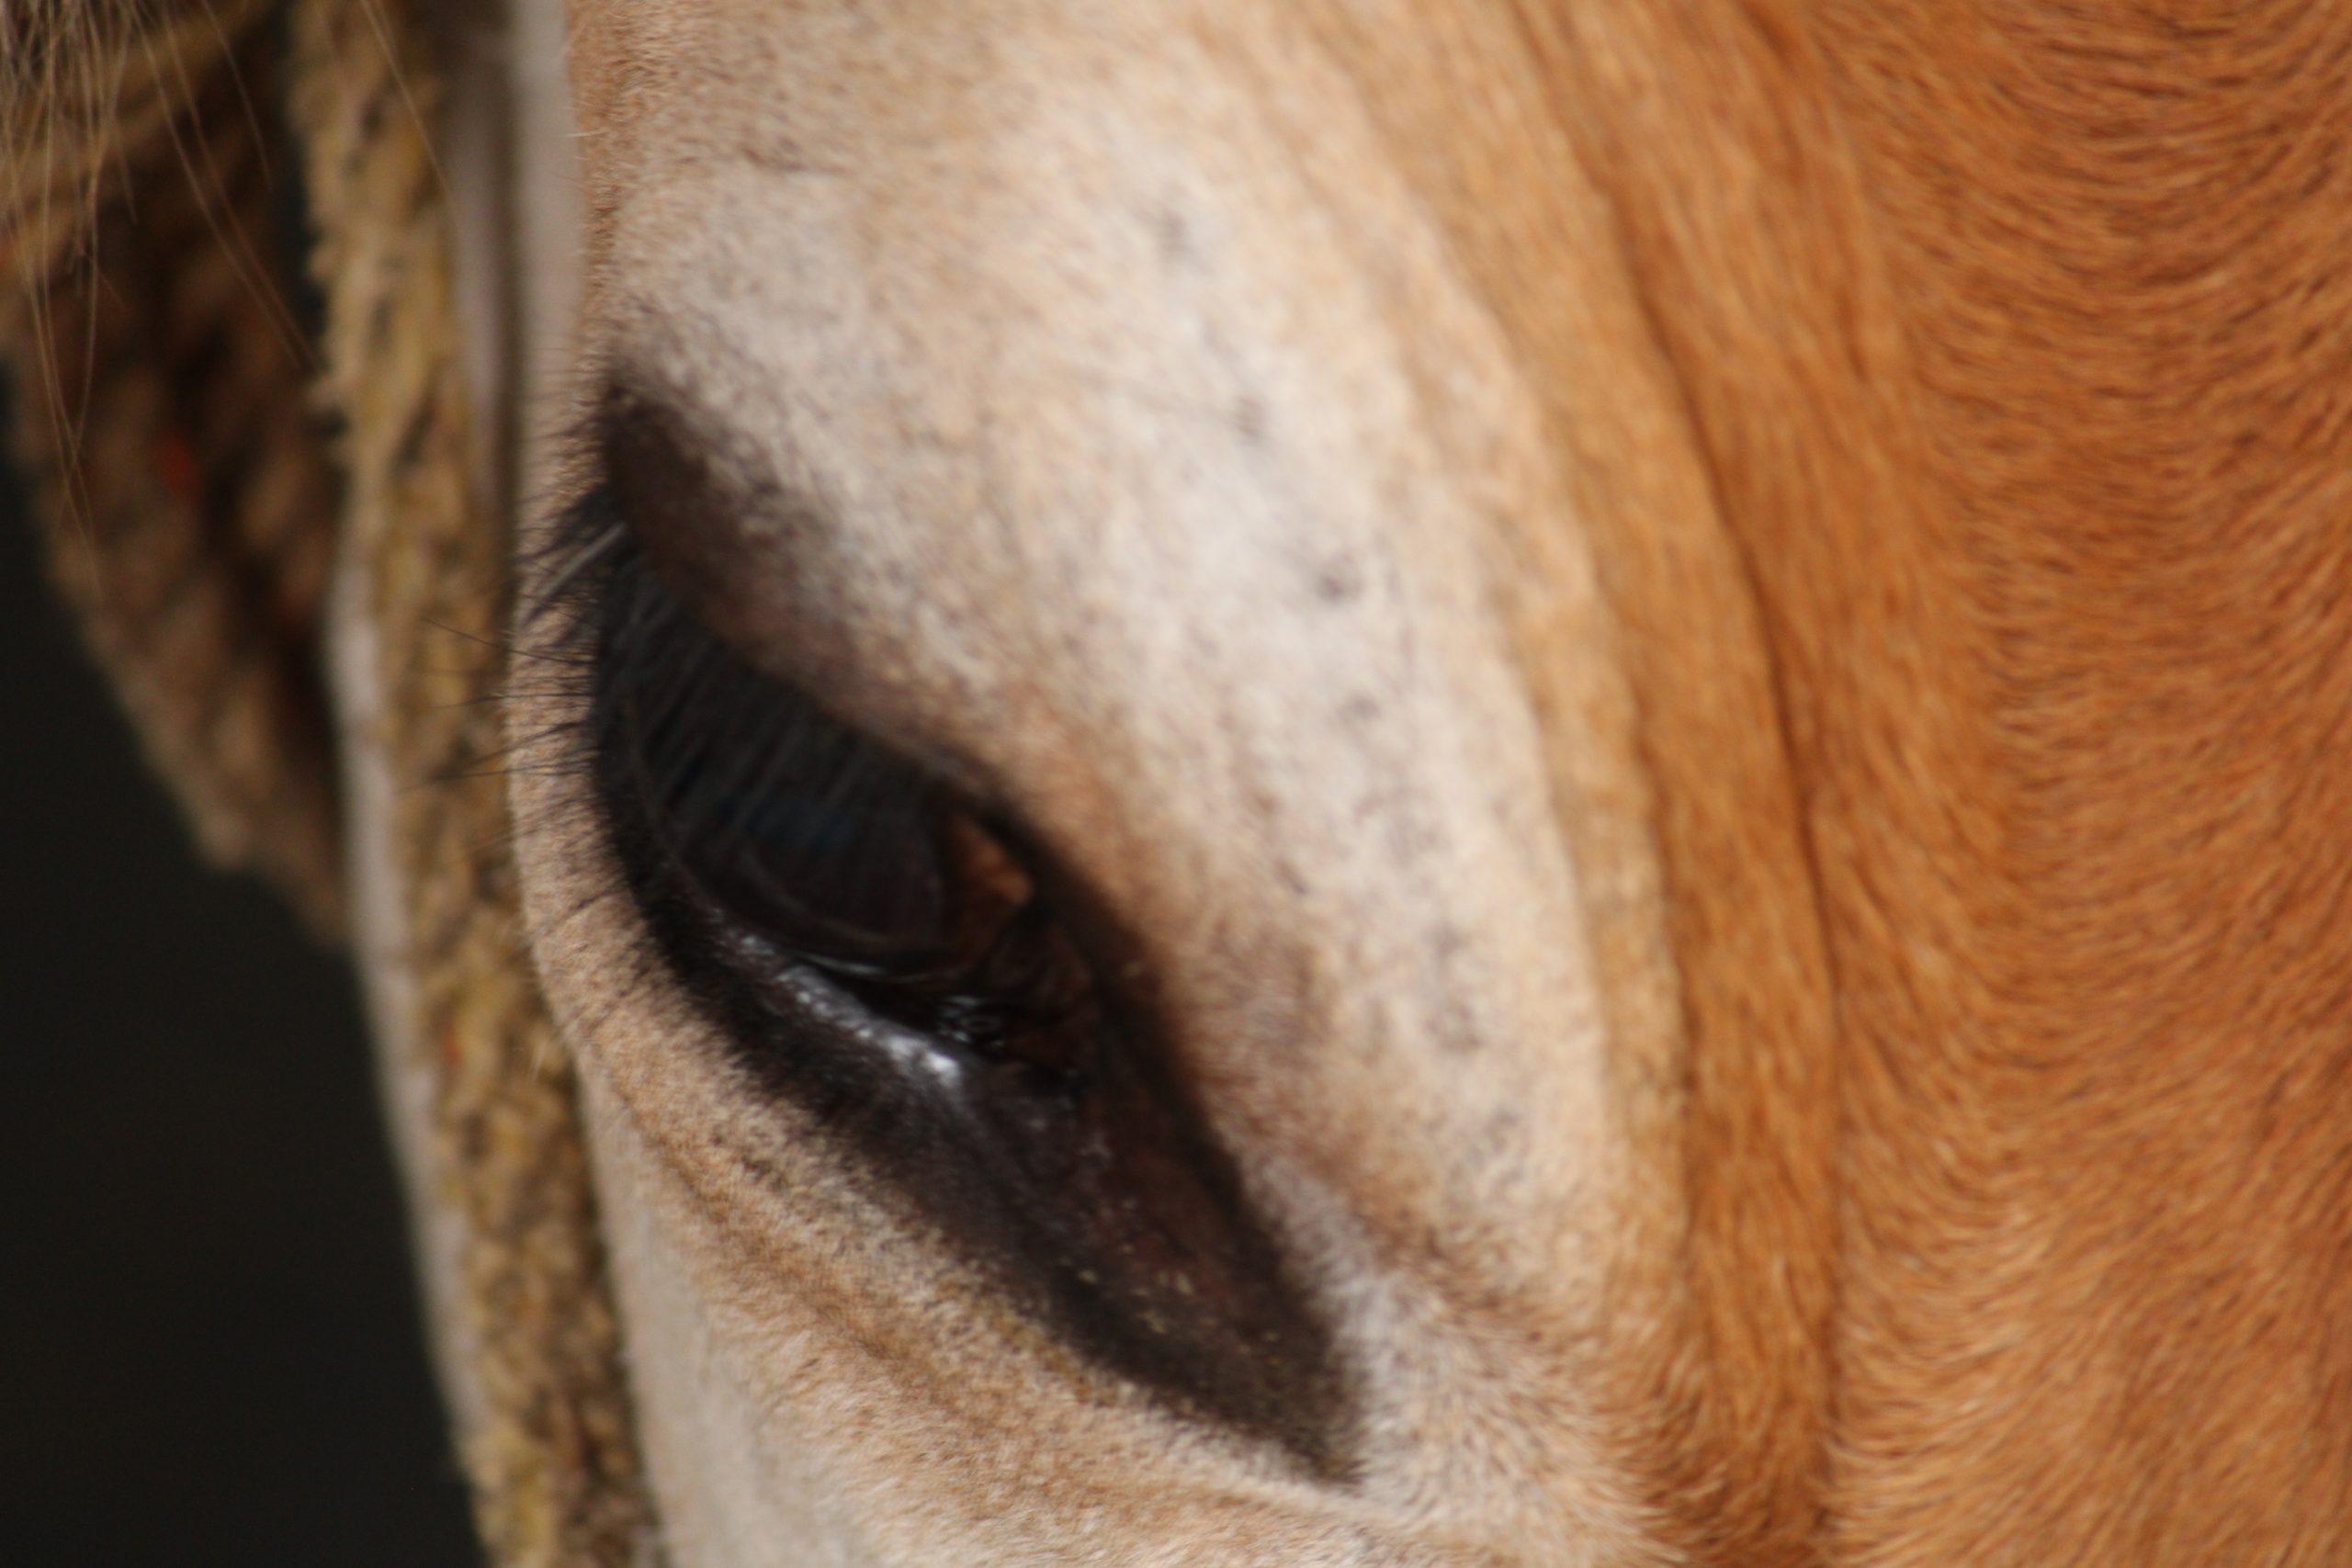 A horse in a farm